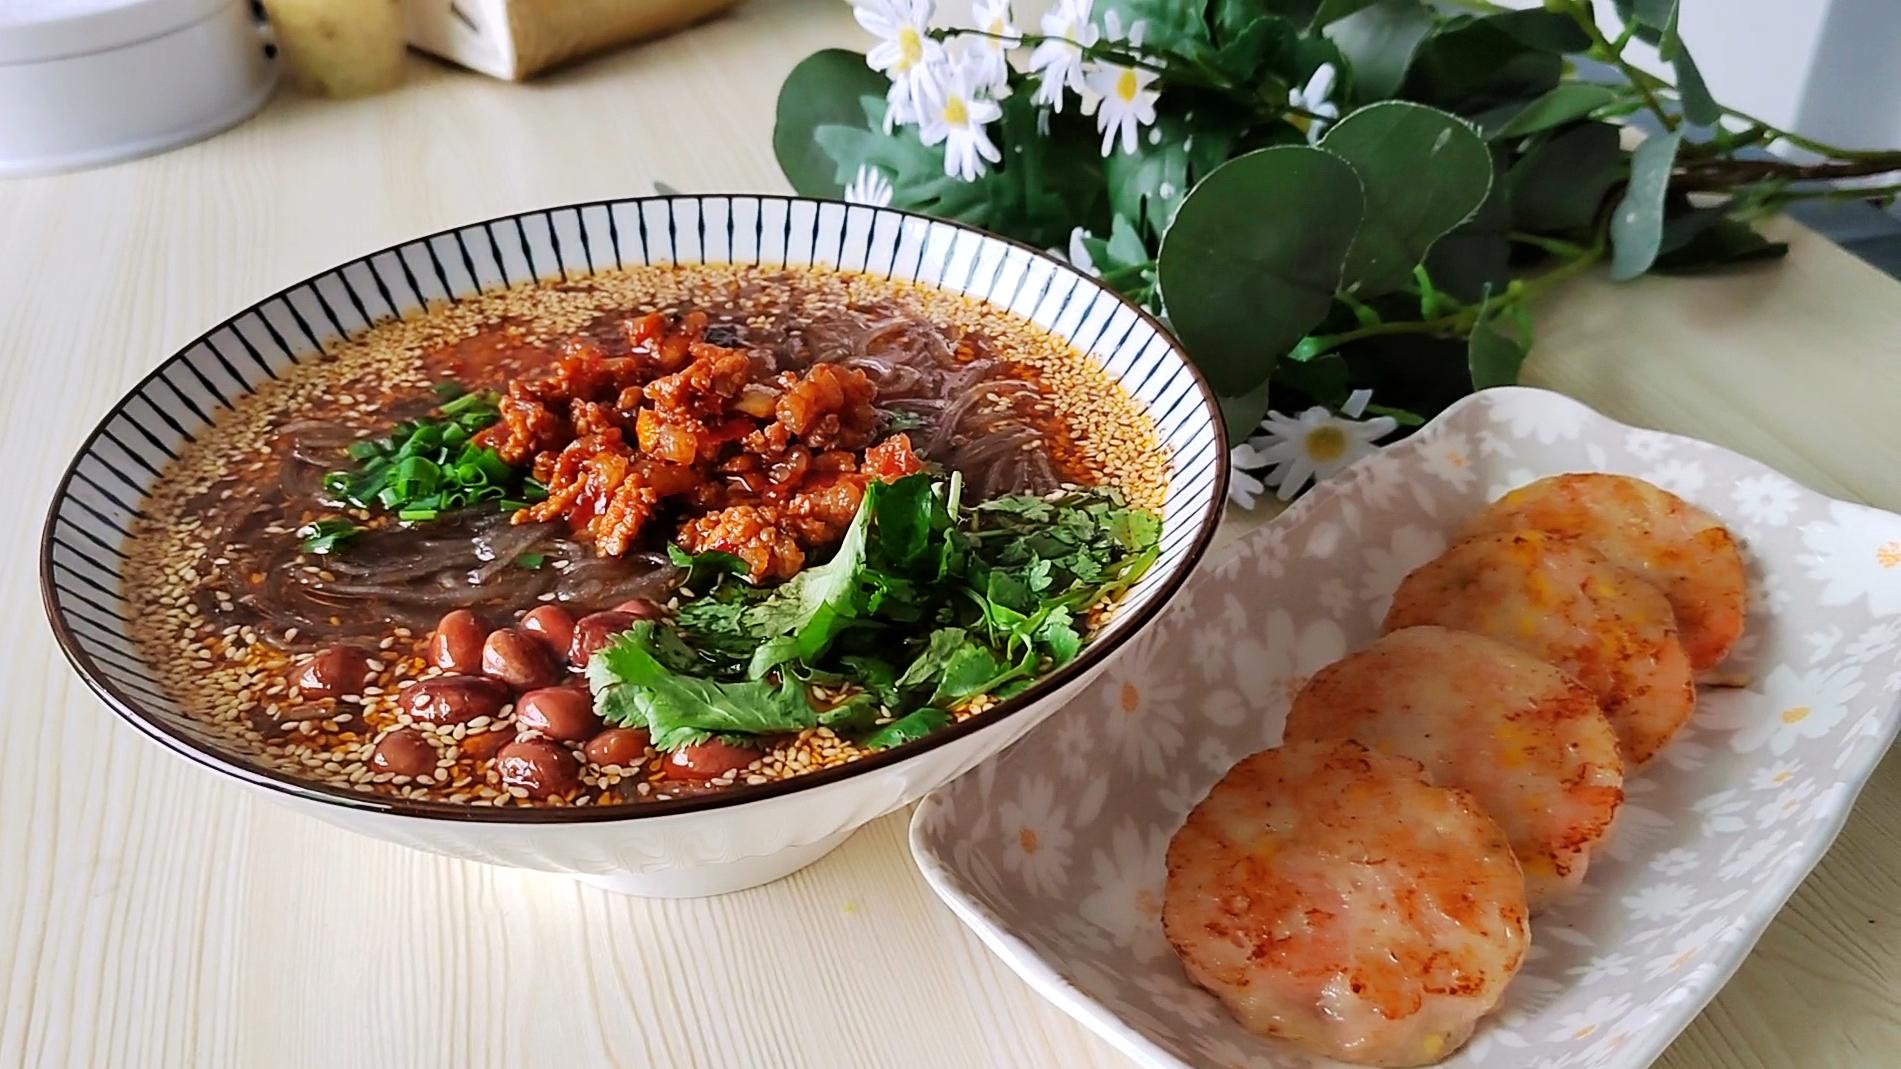 不想吃饭的时候你就吃这个,酸辣粉+虾饼,给肉都不换的美味